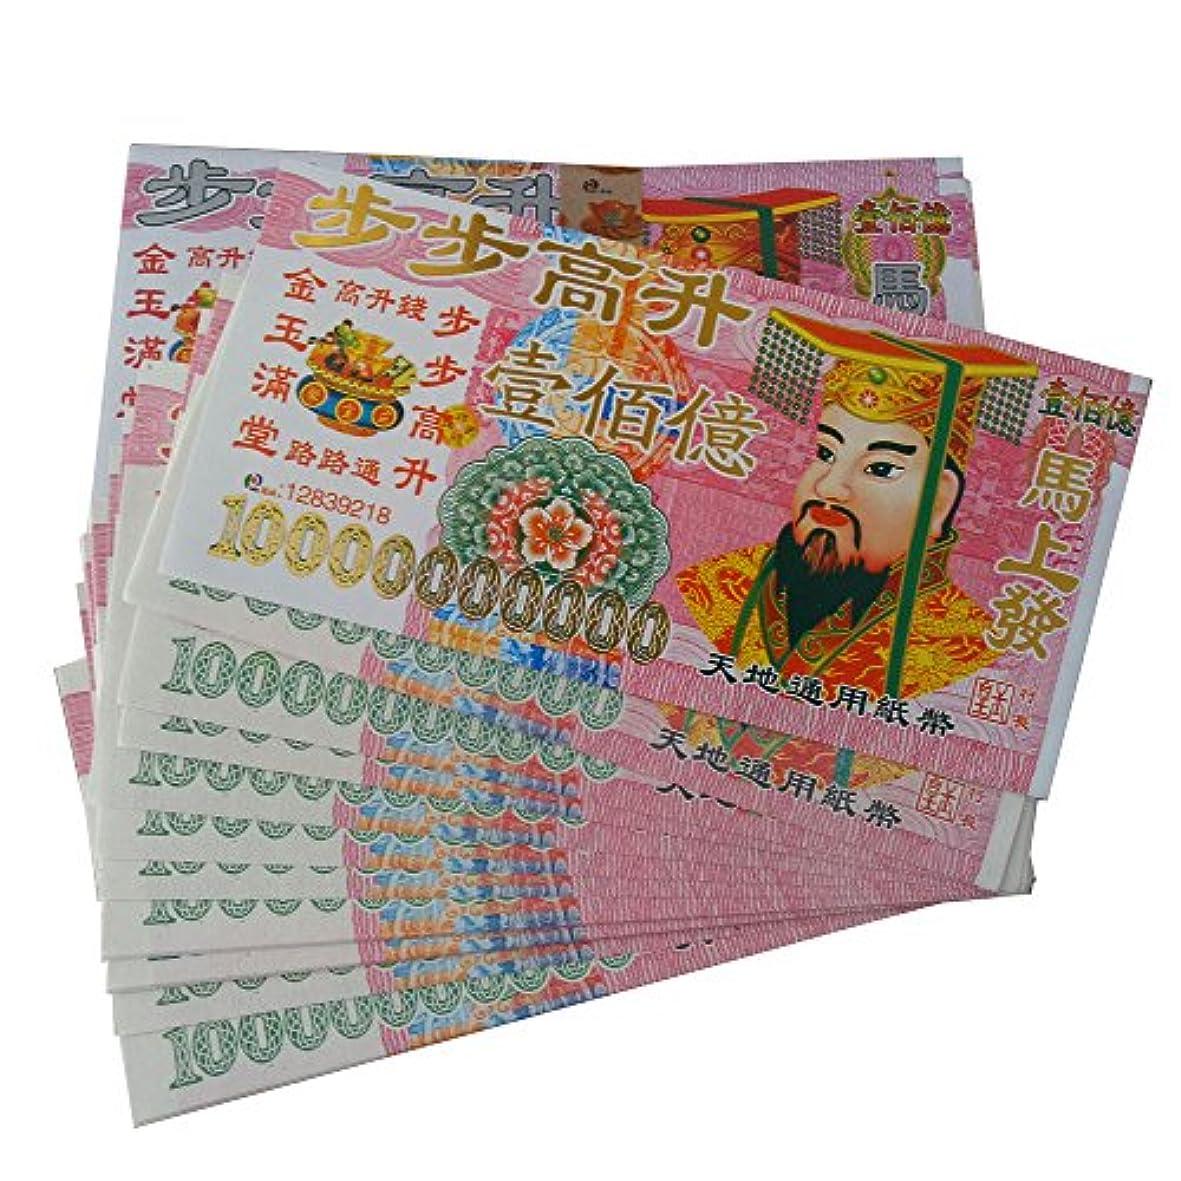 布信頼機転zeestar Chinese Joss Paper Money Hell Bank Note $ 10,000,000,000 9.8インチx 5.1インチ(パックof 120 )